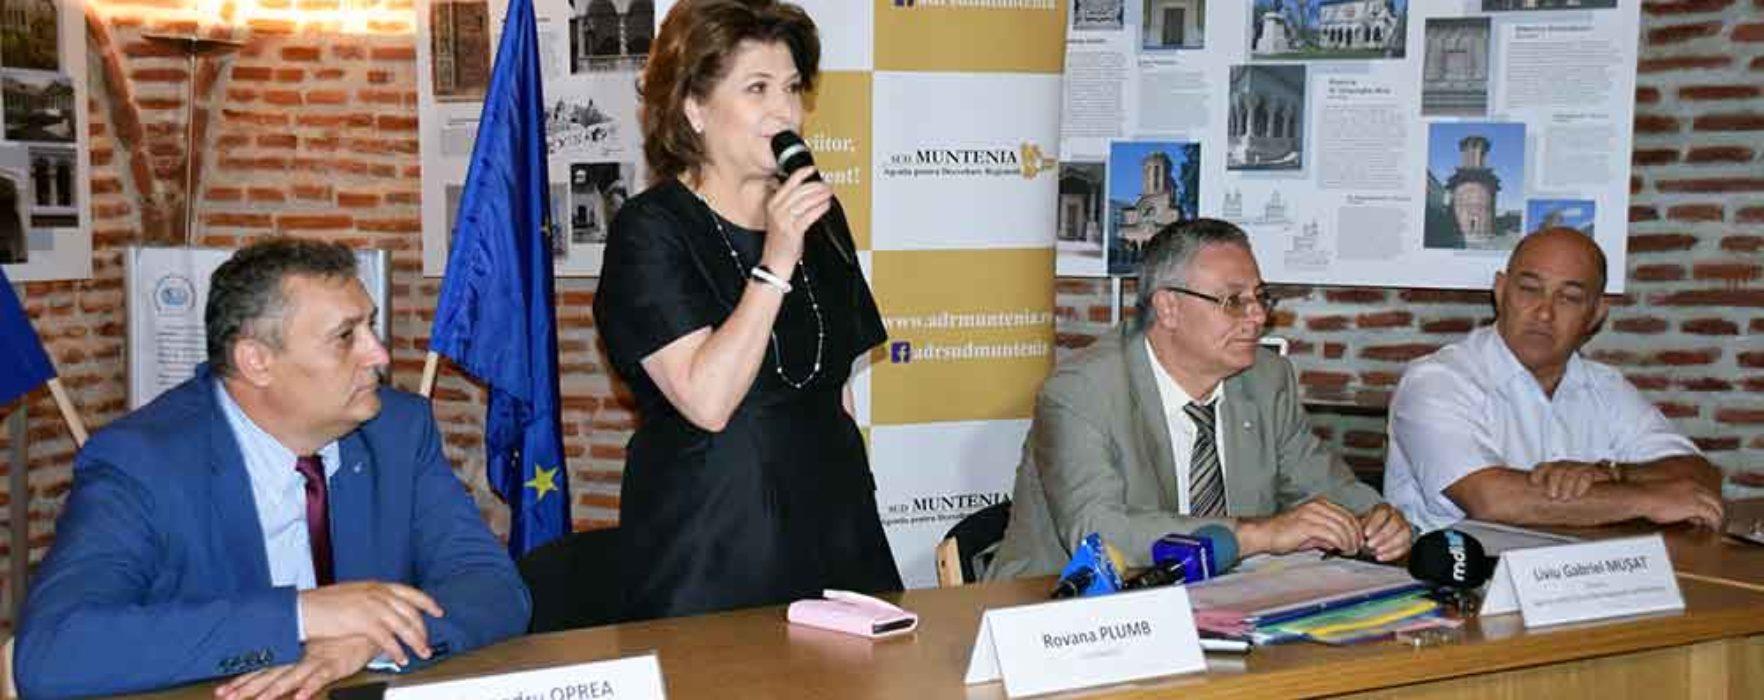 Dâmboviţa: Cinci proiecte cu fonduri EU semnate, investiţiile vor fi în Moreni, Nucet, Vişina, Bezdead şi Răcari